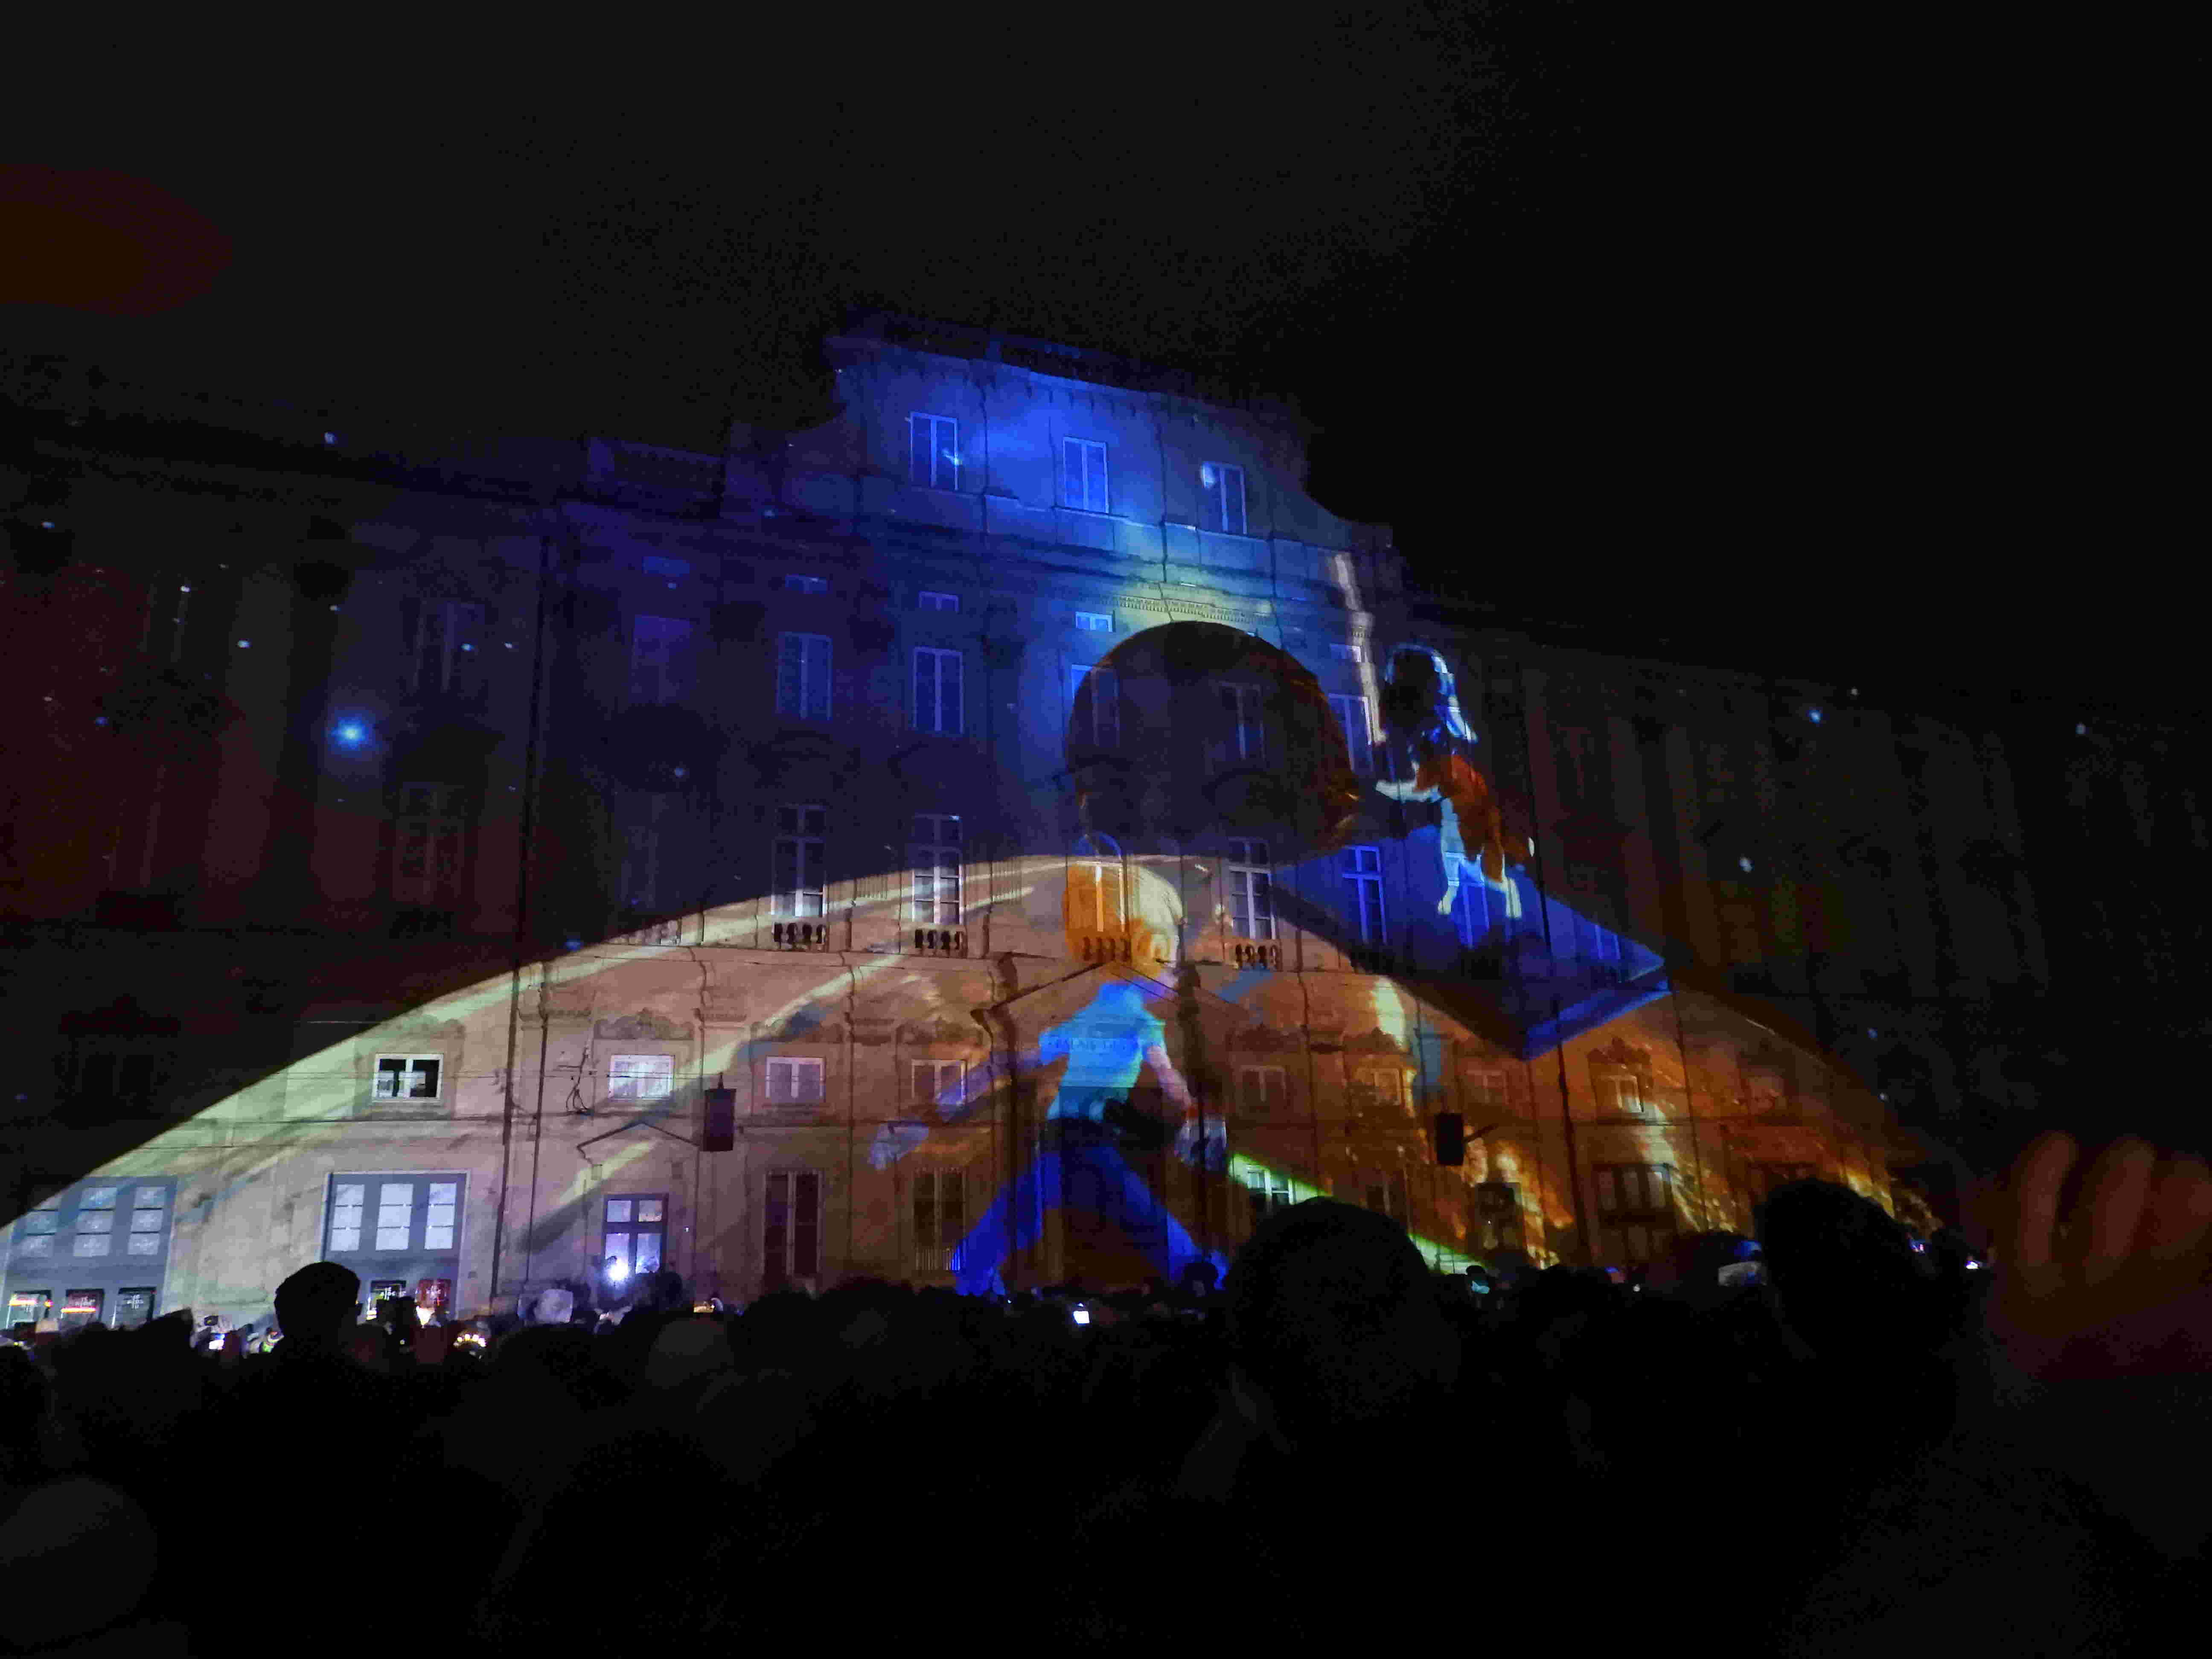 la fête des lumières: un 8 décembre multicolore à LYON  Dscn2314